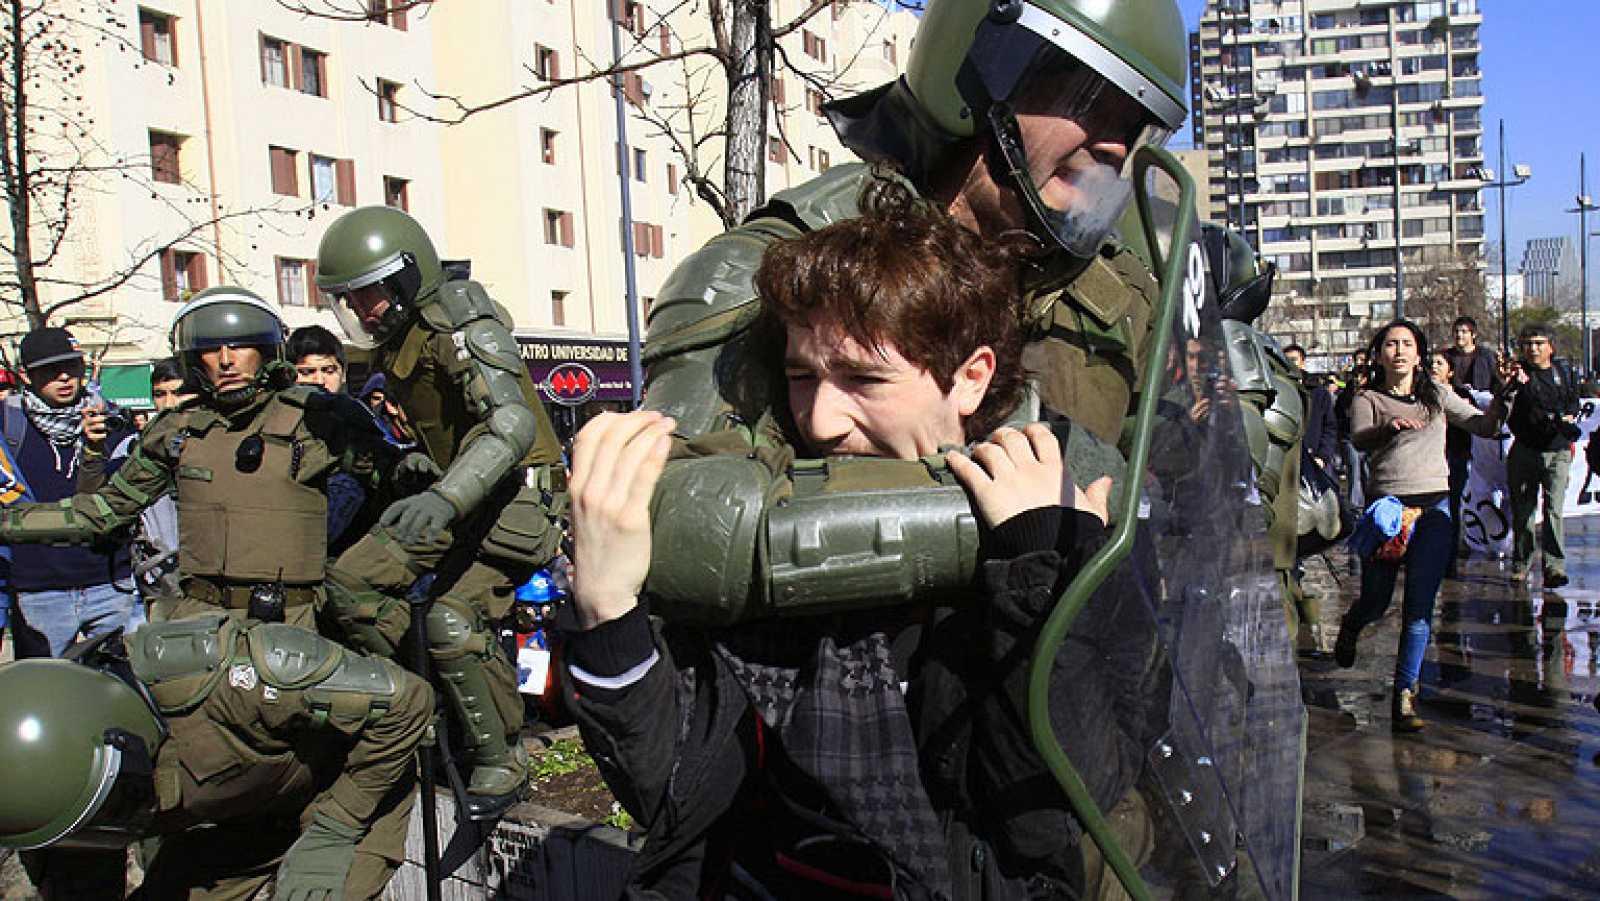 Decenas de detenidos y 49 policías heridos en una protesta estudiantil en  Chile - RTVE.es